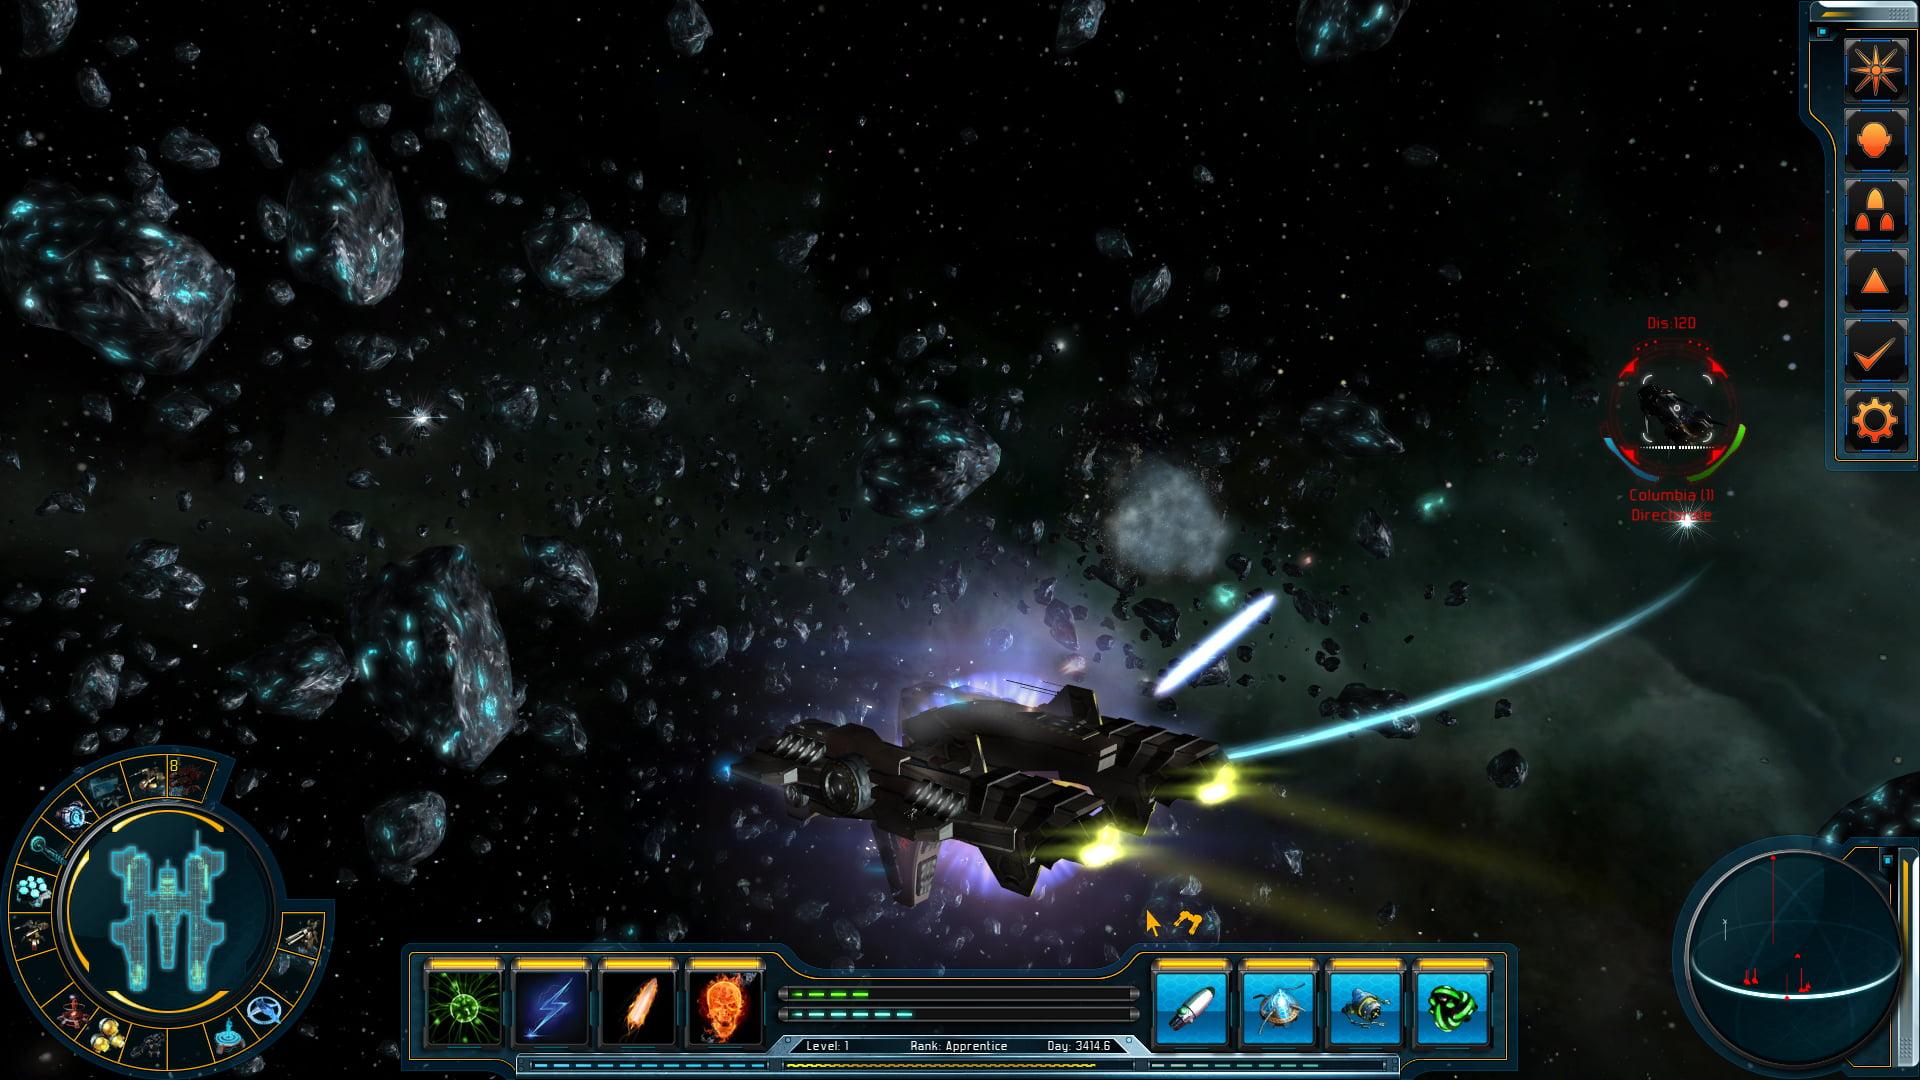 [GameGokil.com] Starpoint Gemini 2 [Iso] Single Link Full Free